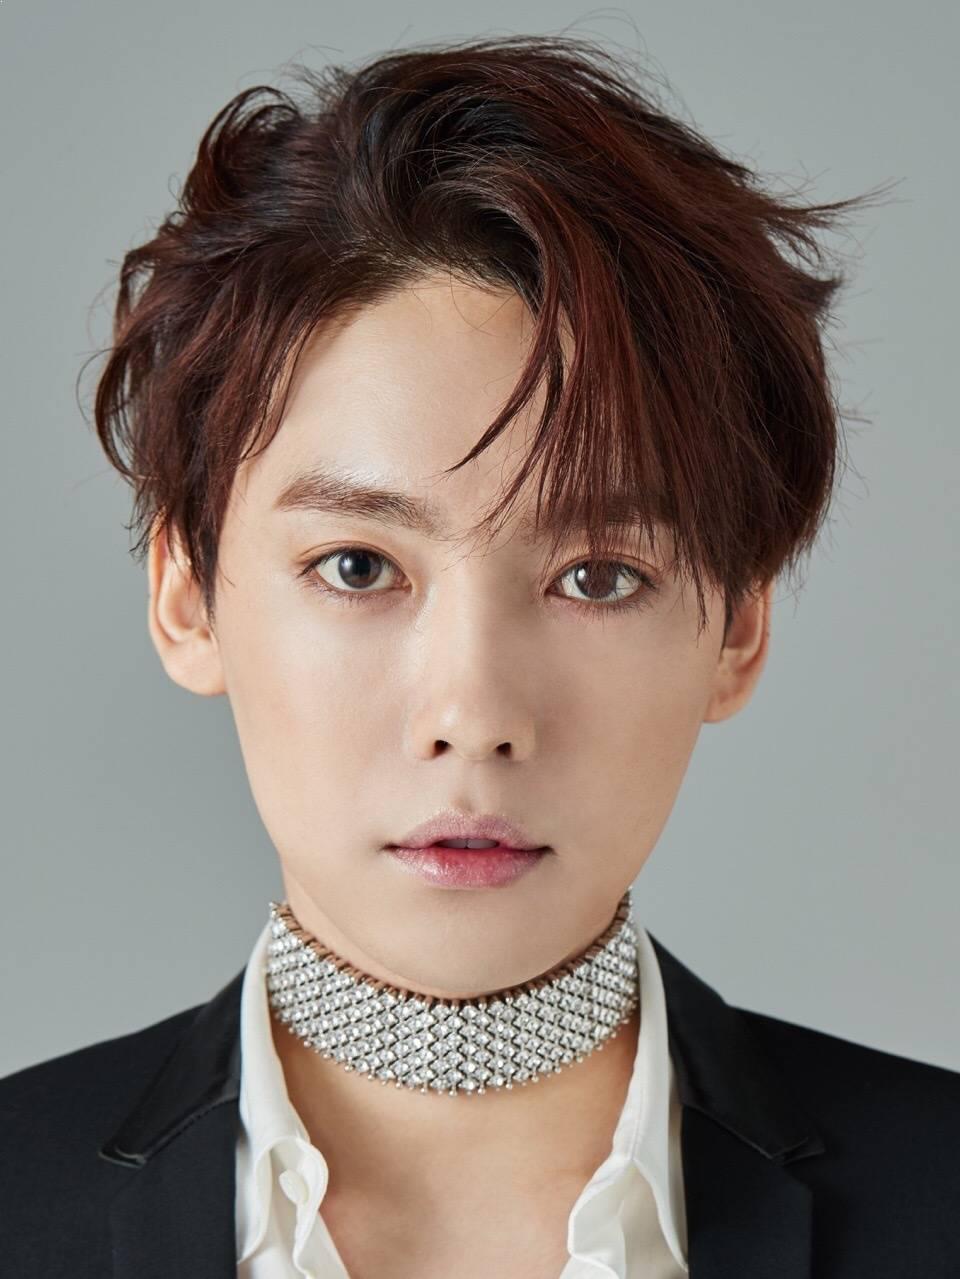 Male K-Pop Idols With The Prettiest Eyebrows • Kpopmap